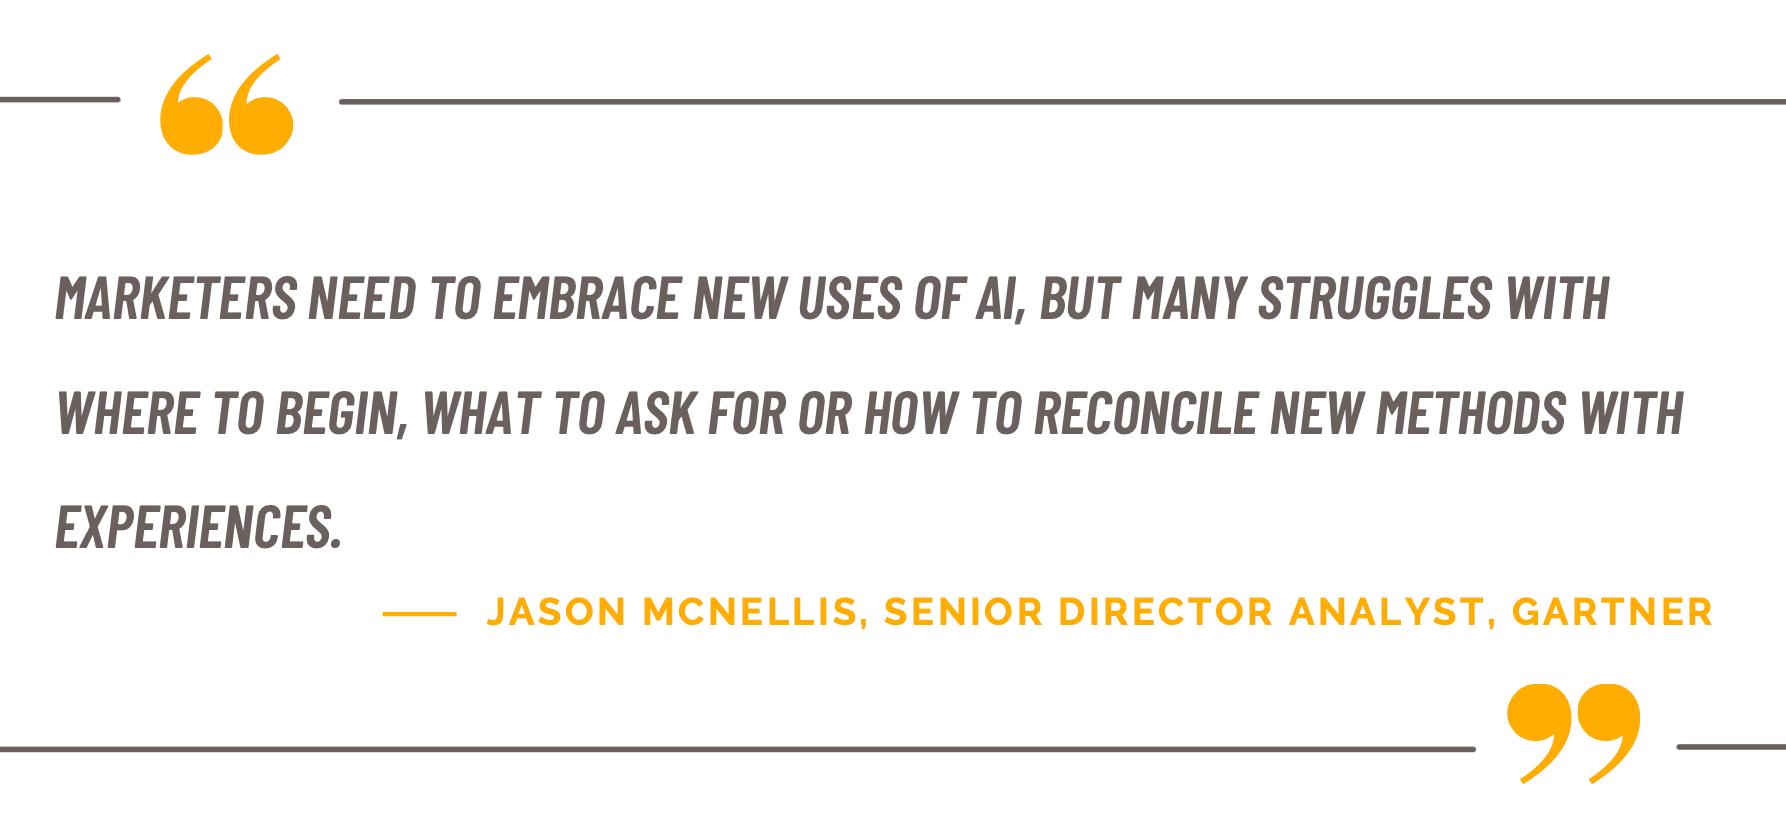 Jason McNellis quote